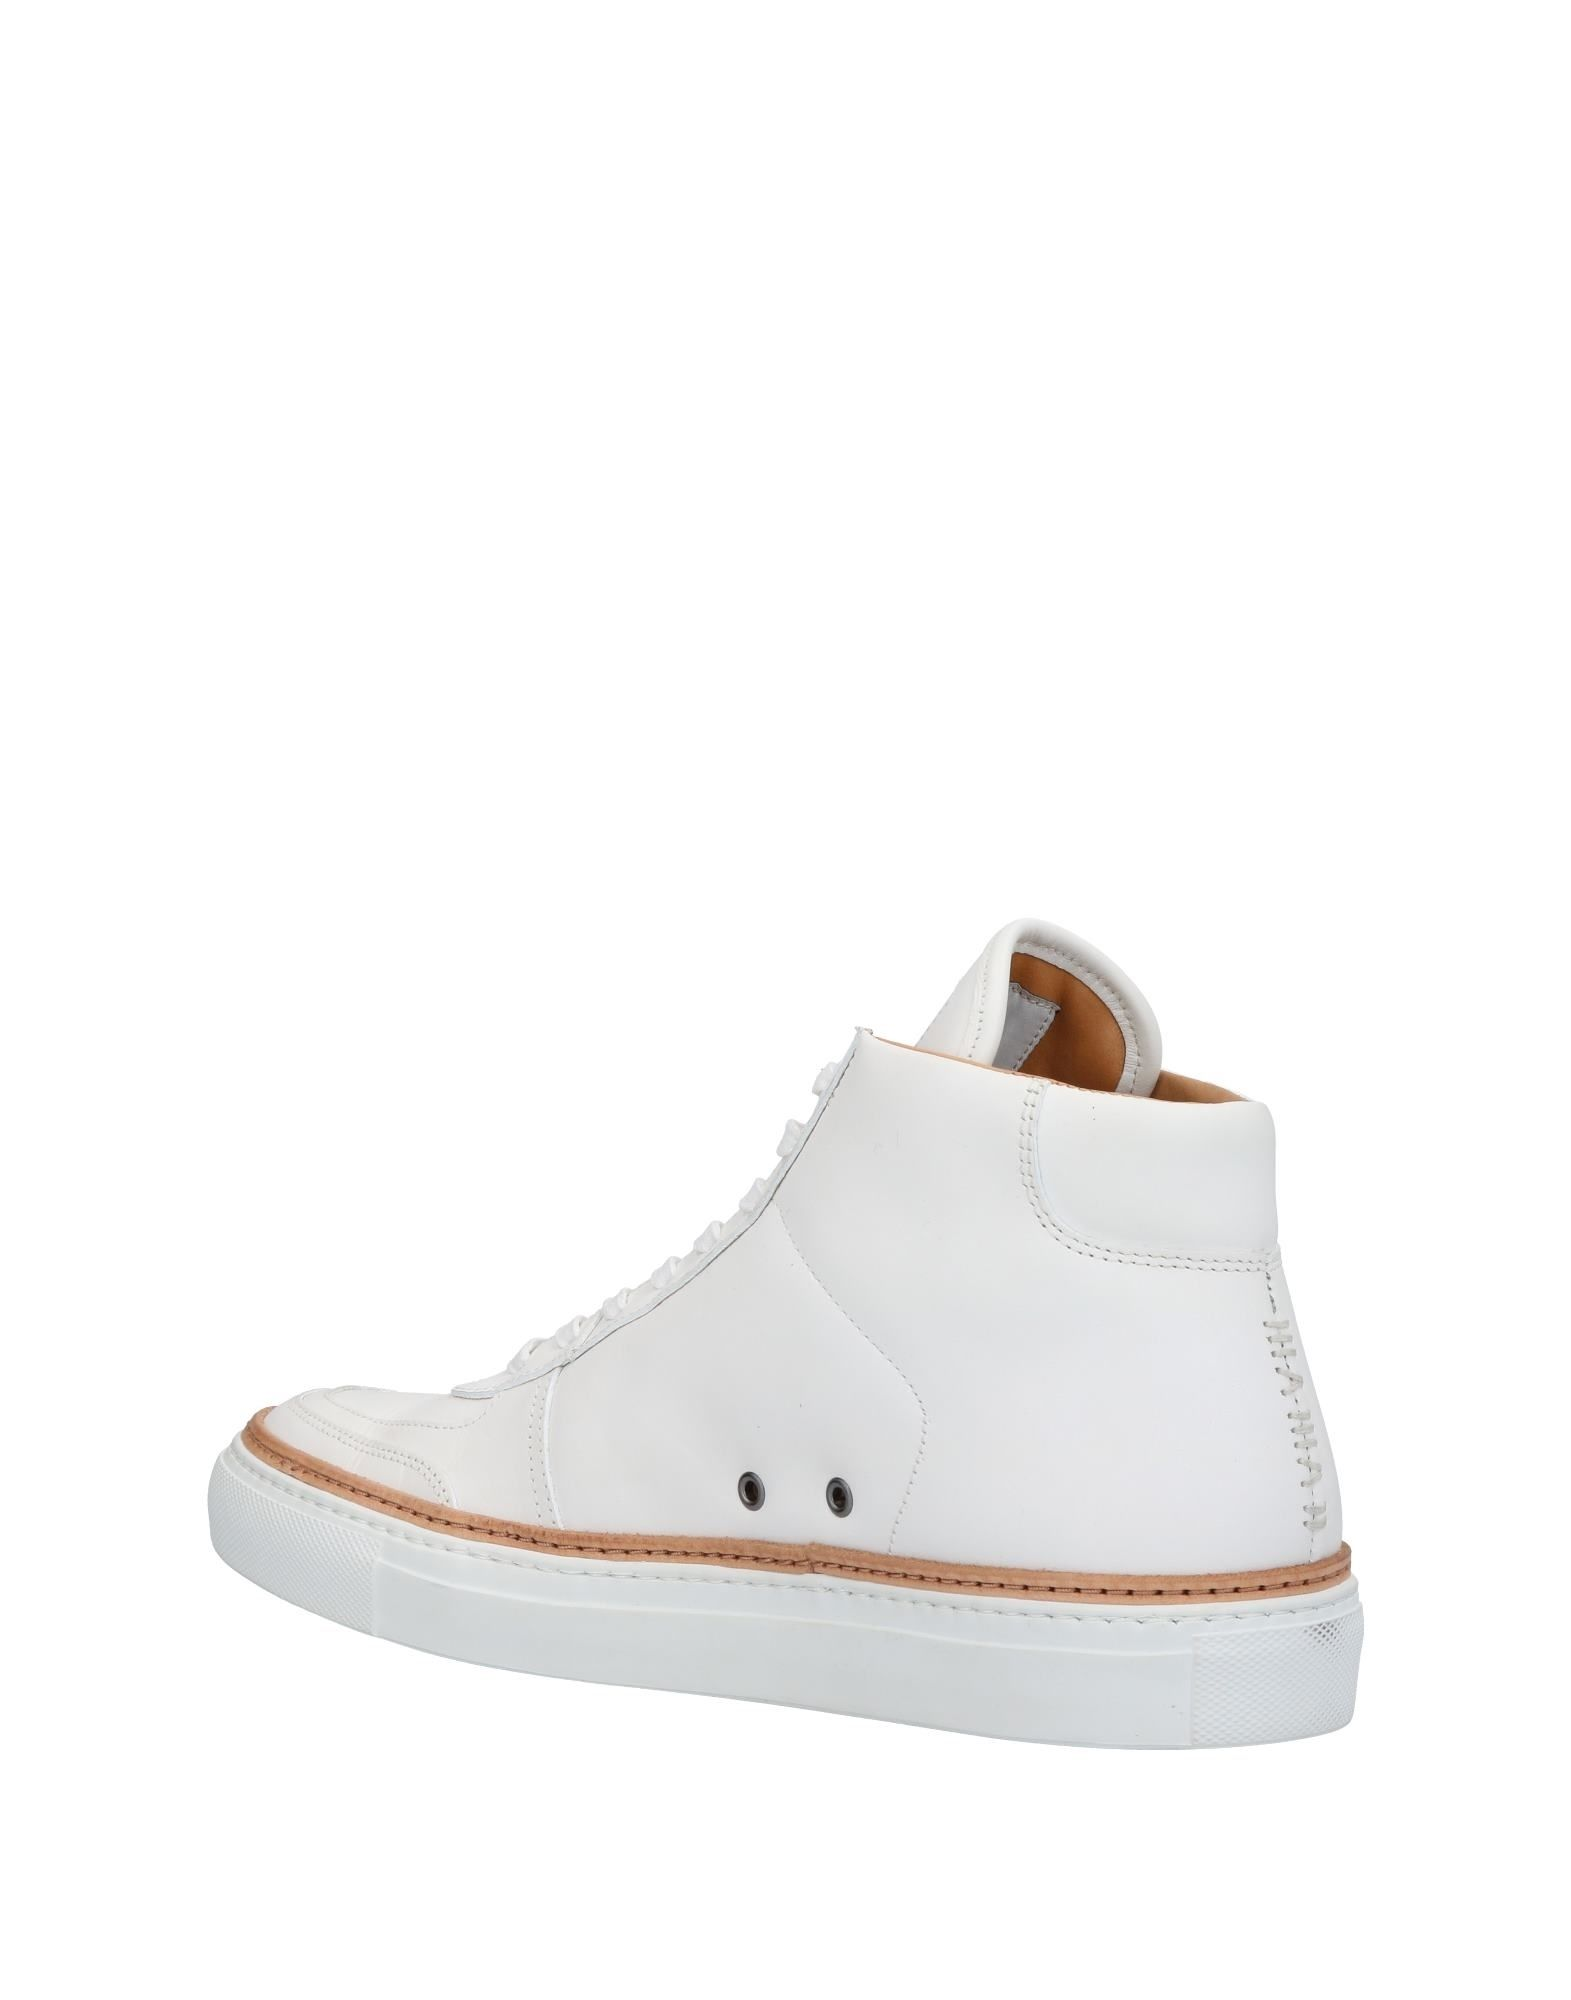 Sneakers Ii Viii Viii - N° 288 Homme - Sneakers Ii Viii Viii - N° 288 sur